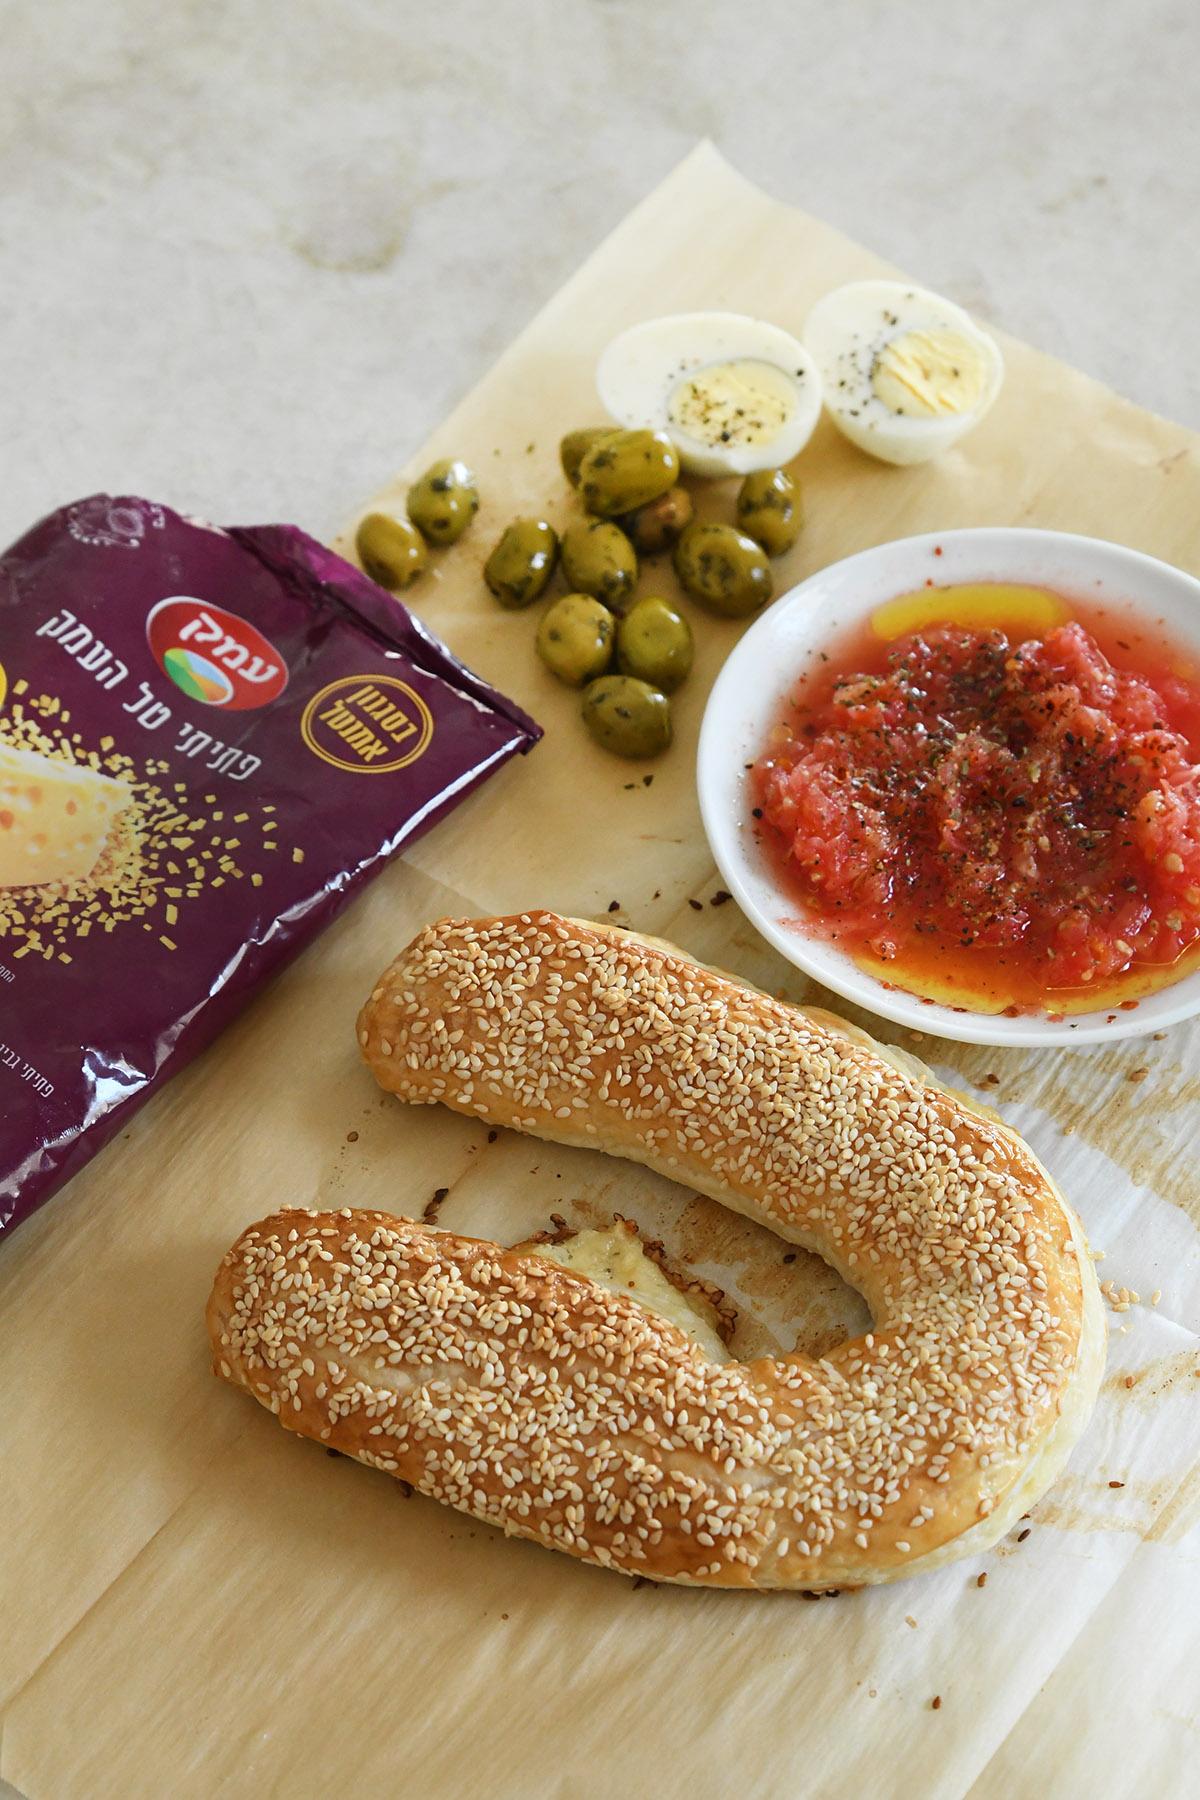 מאפה זיוה במילוי גבינות וזיתים